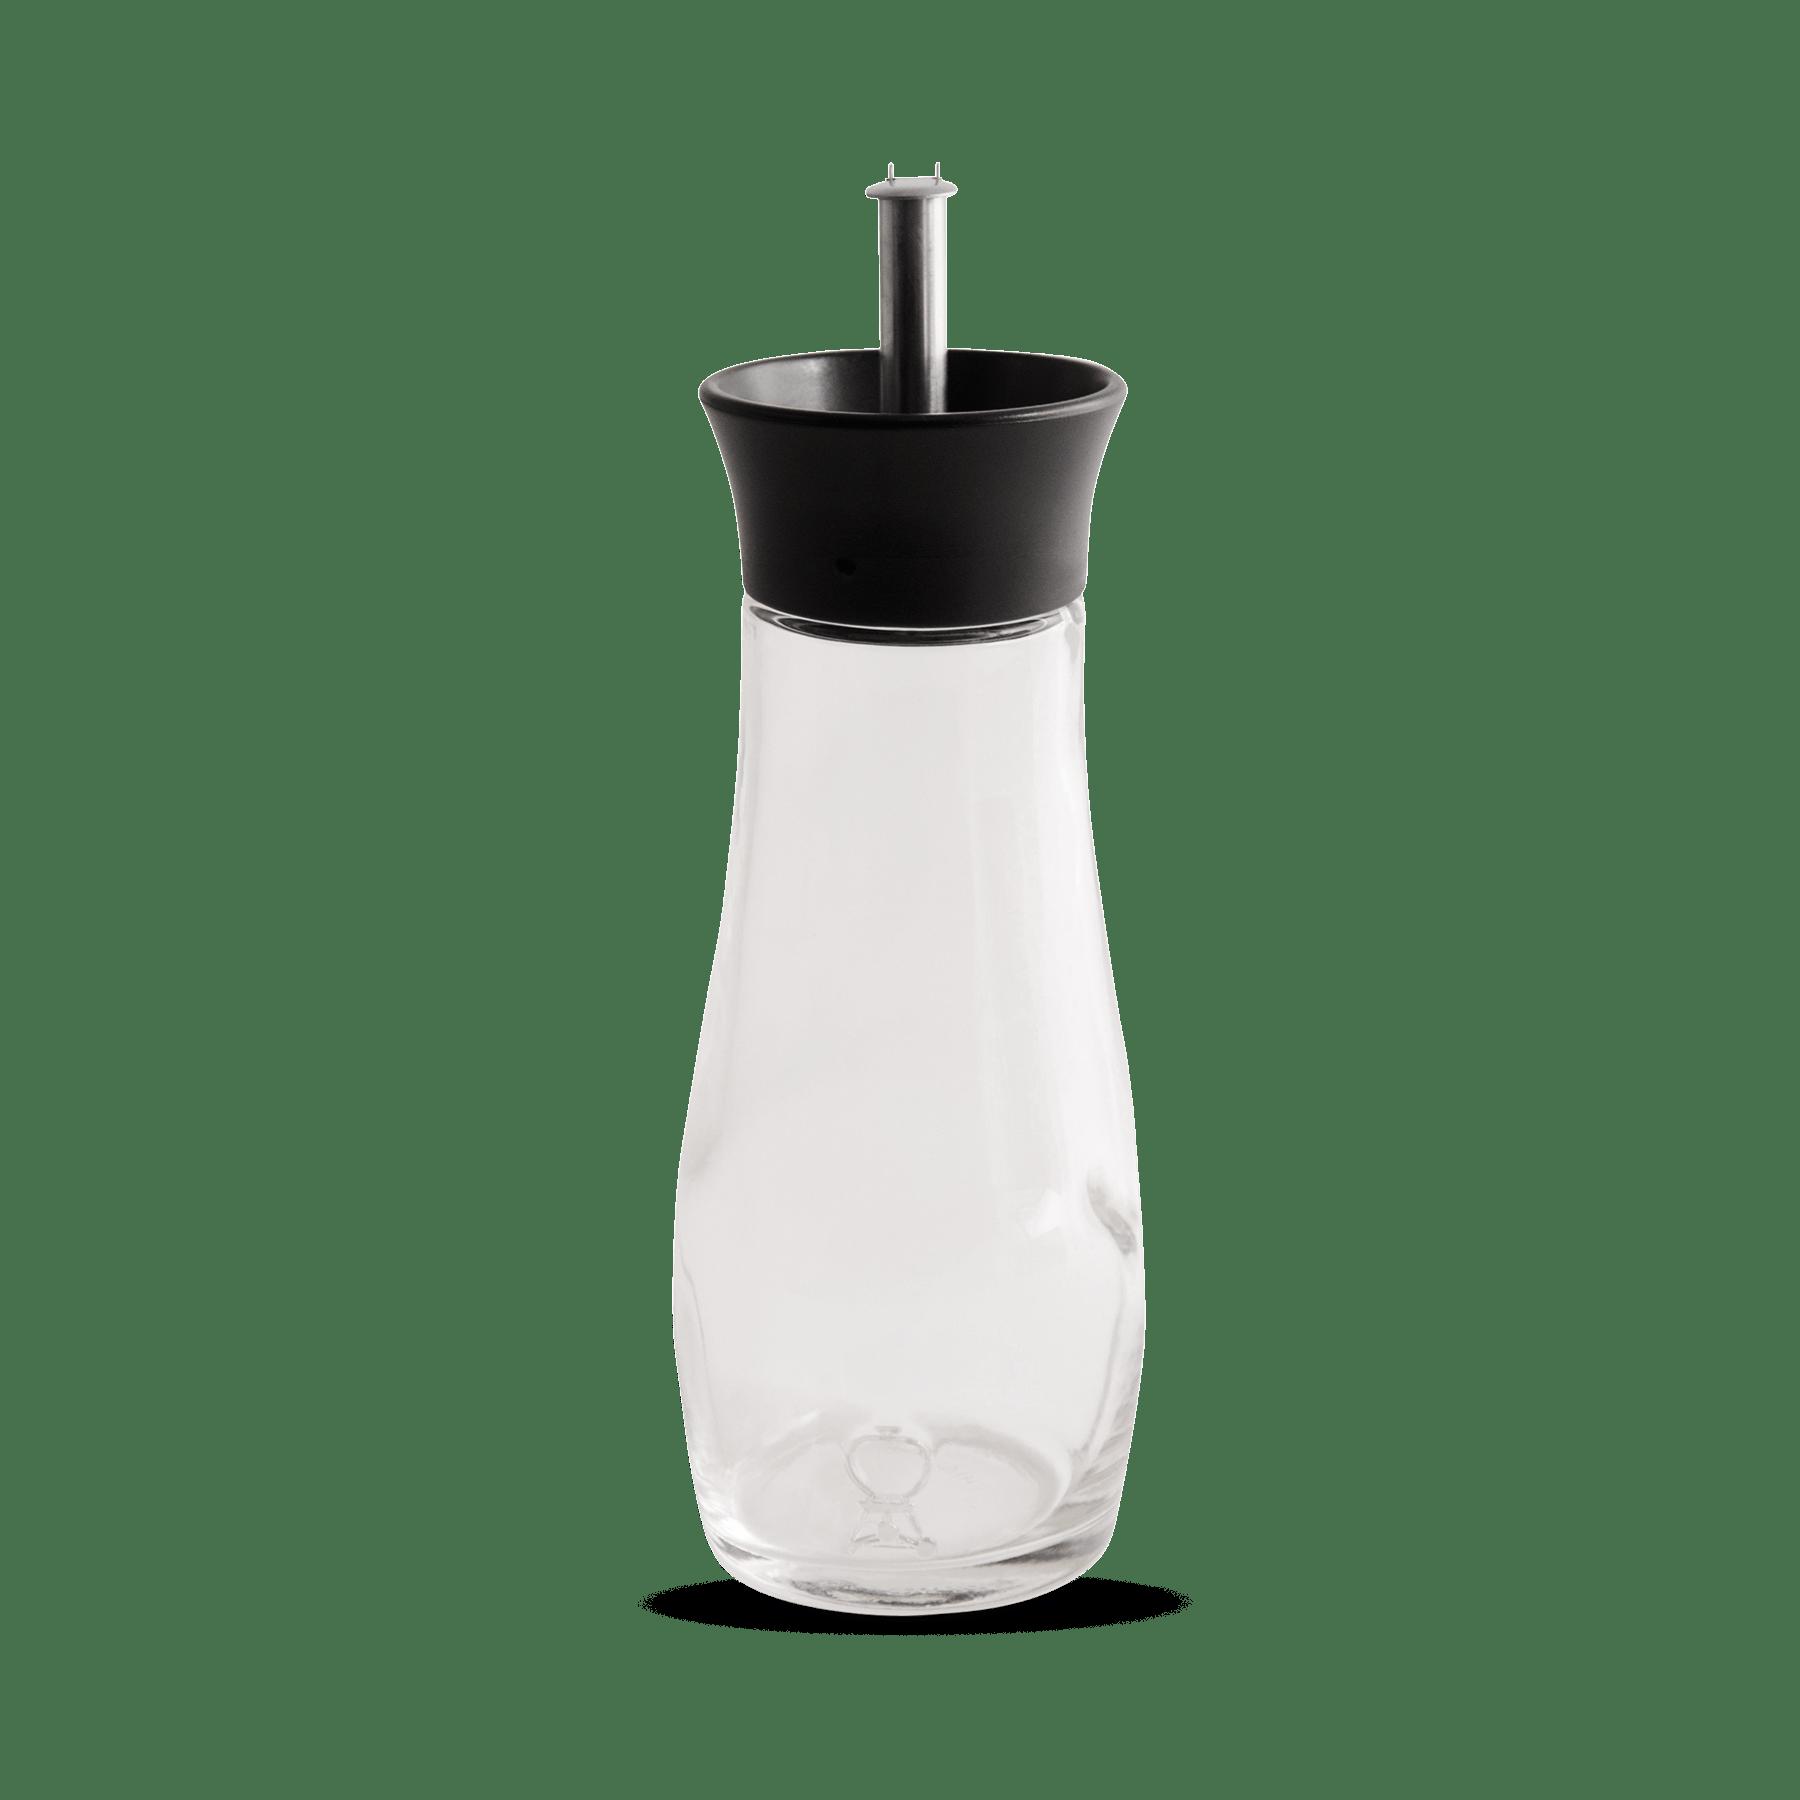 Öl- und Essigflasche